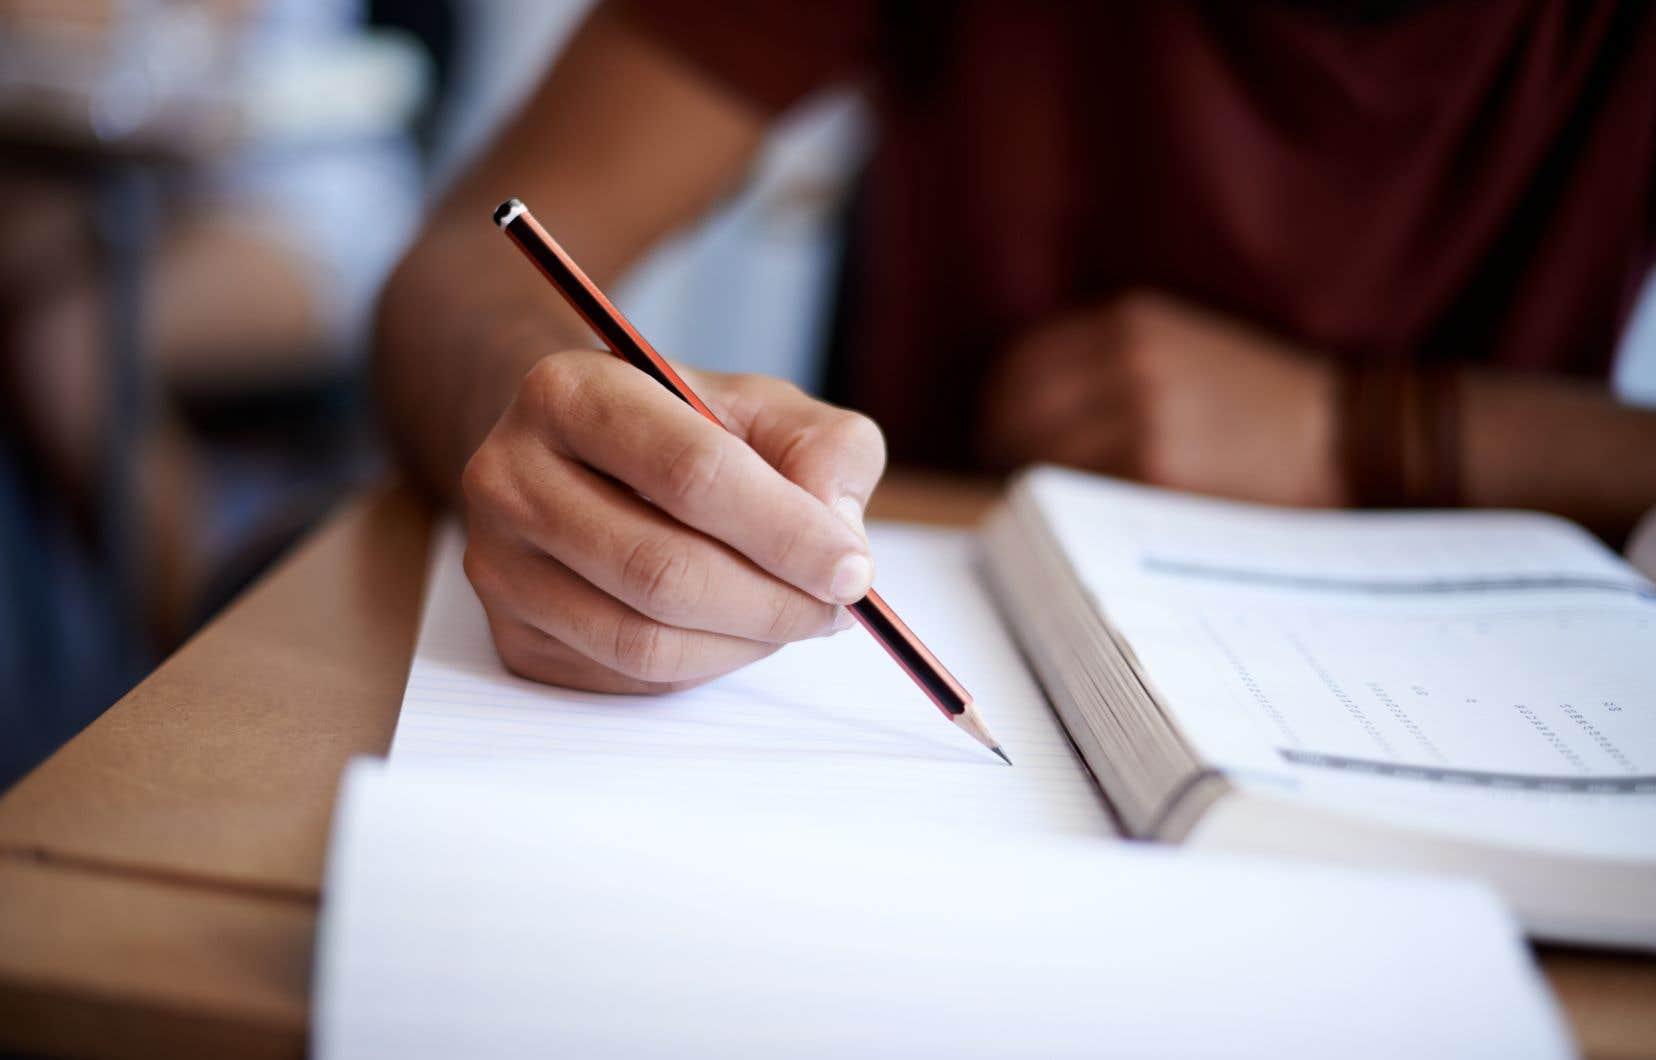 <p>Une douzaine d'écoles de la CSDM tient des examens d'admission dont le prix a varié dans le passé entre 40$ et 65$ — non remboursables si l'élève échouait à se faire admettre.</p>